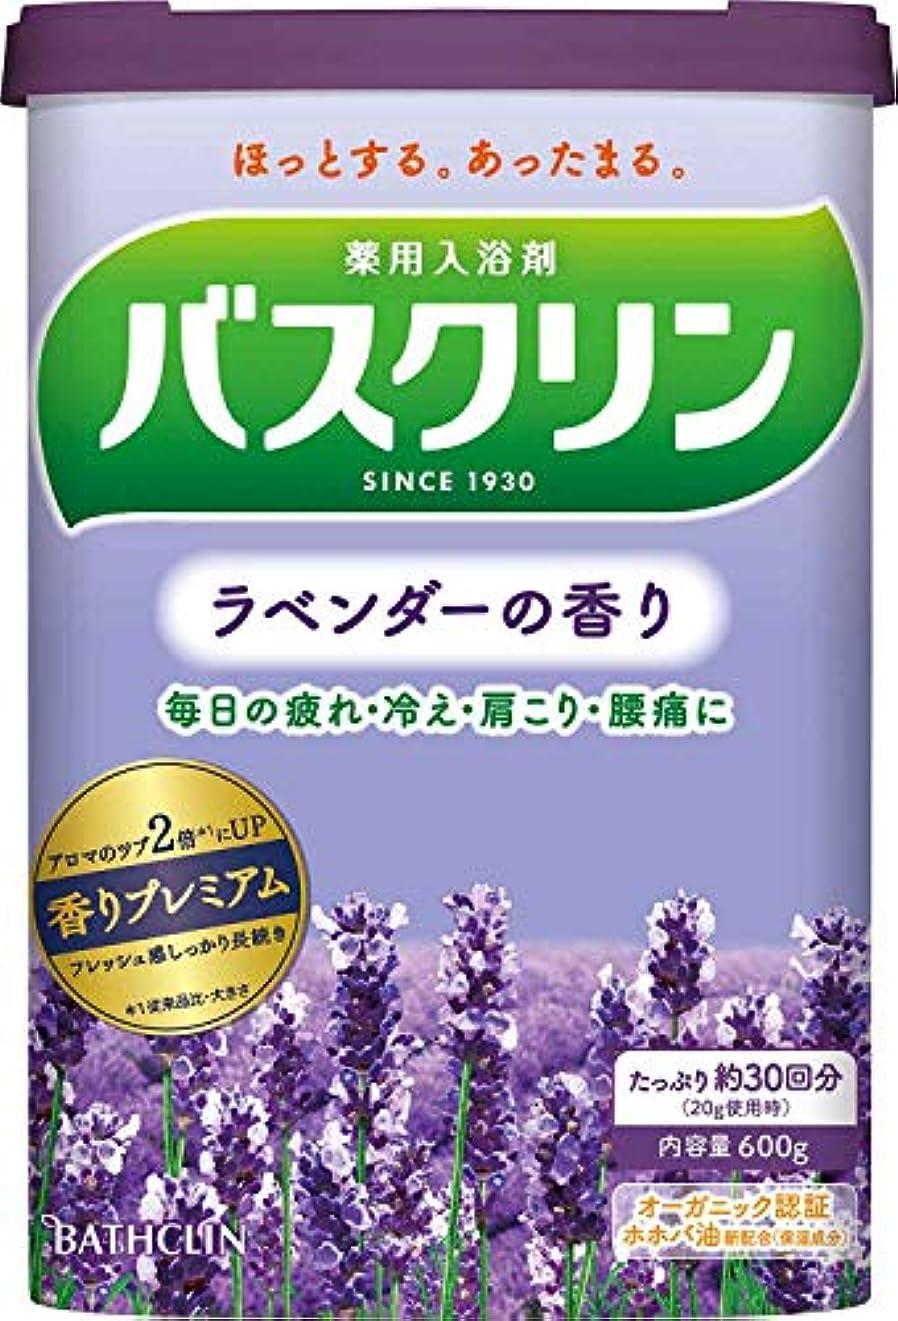 一節哀れな解体する【医薬部外品】バスクリン入浴剤 ラベンダーの香り600g(約30回分) 疲労回復